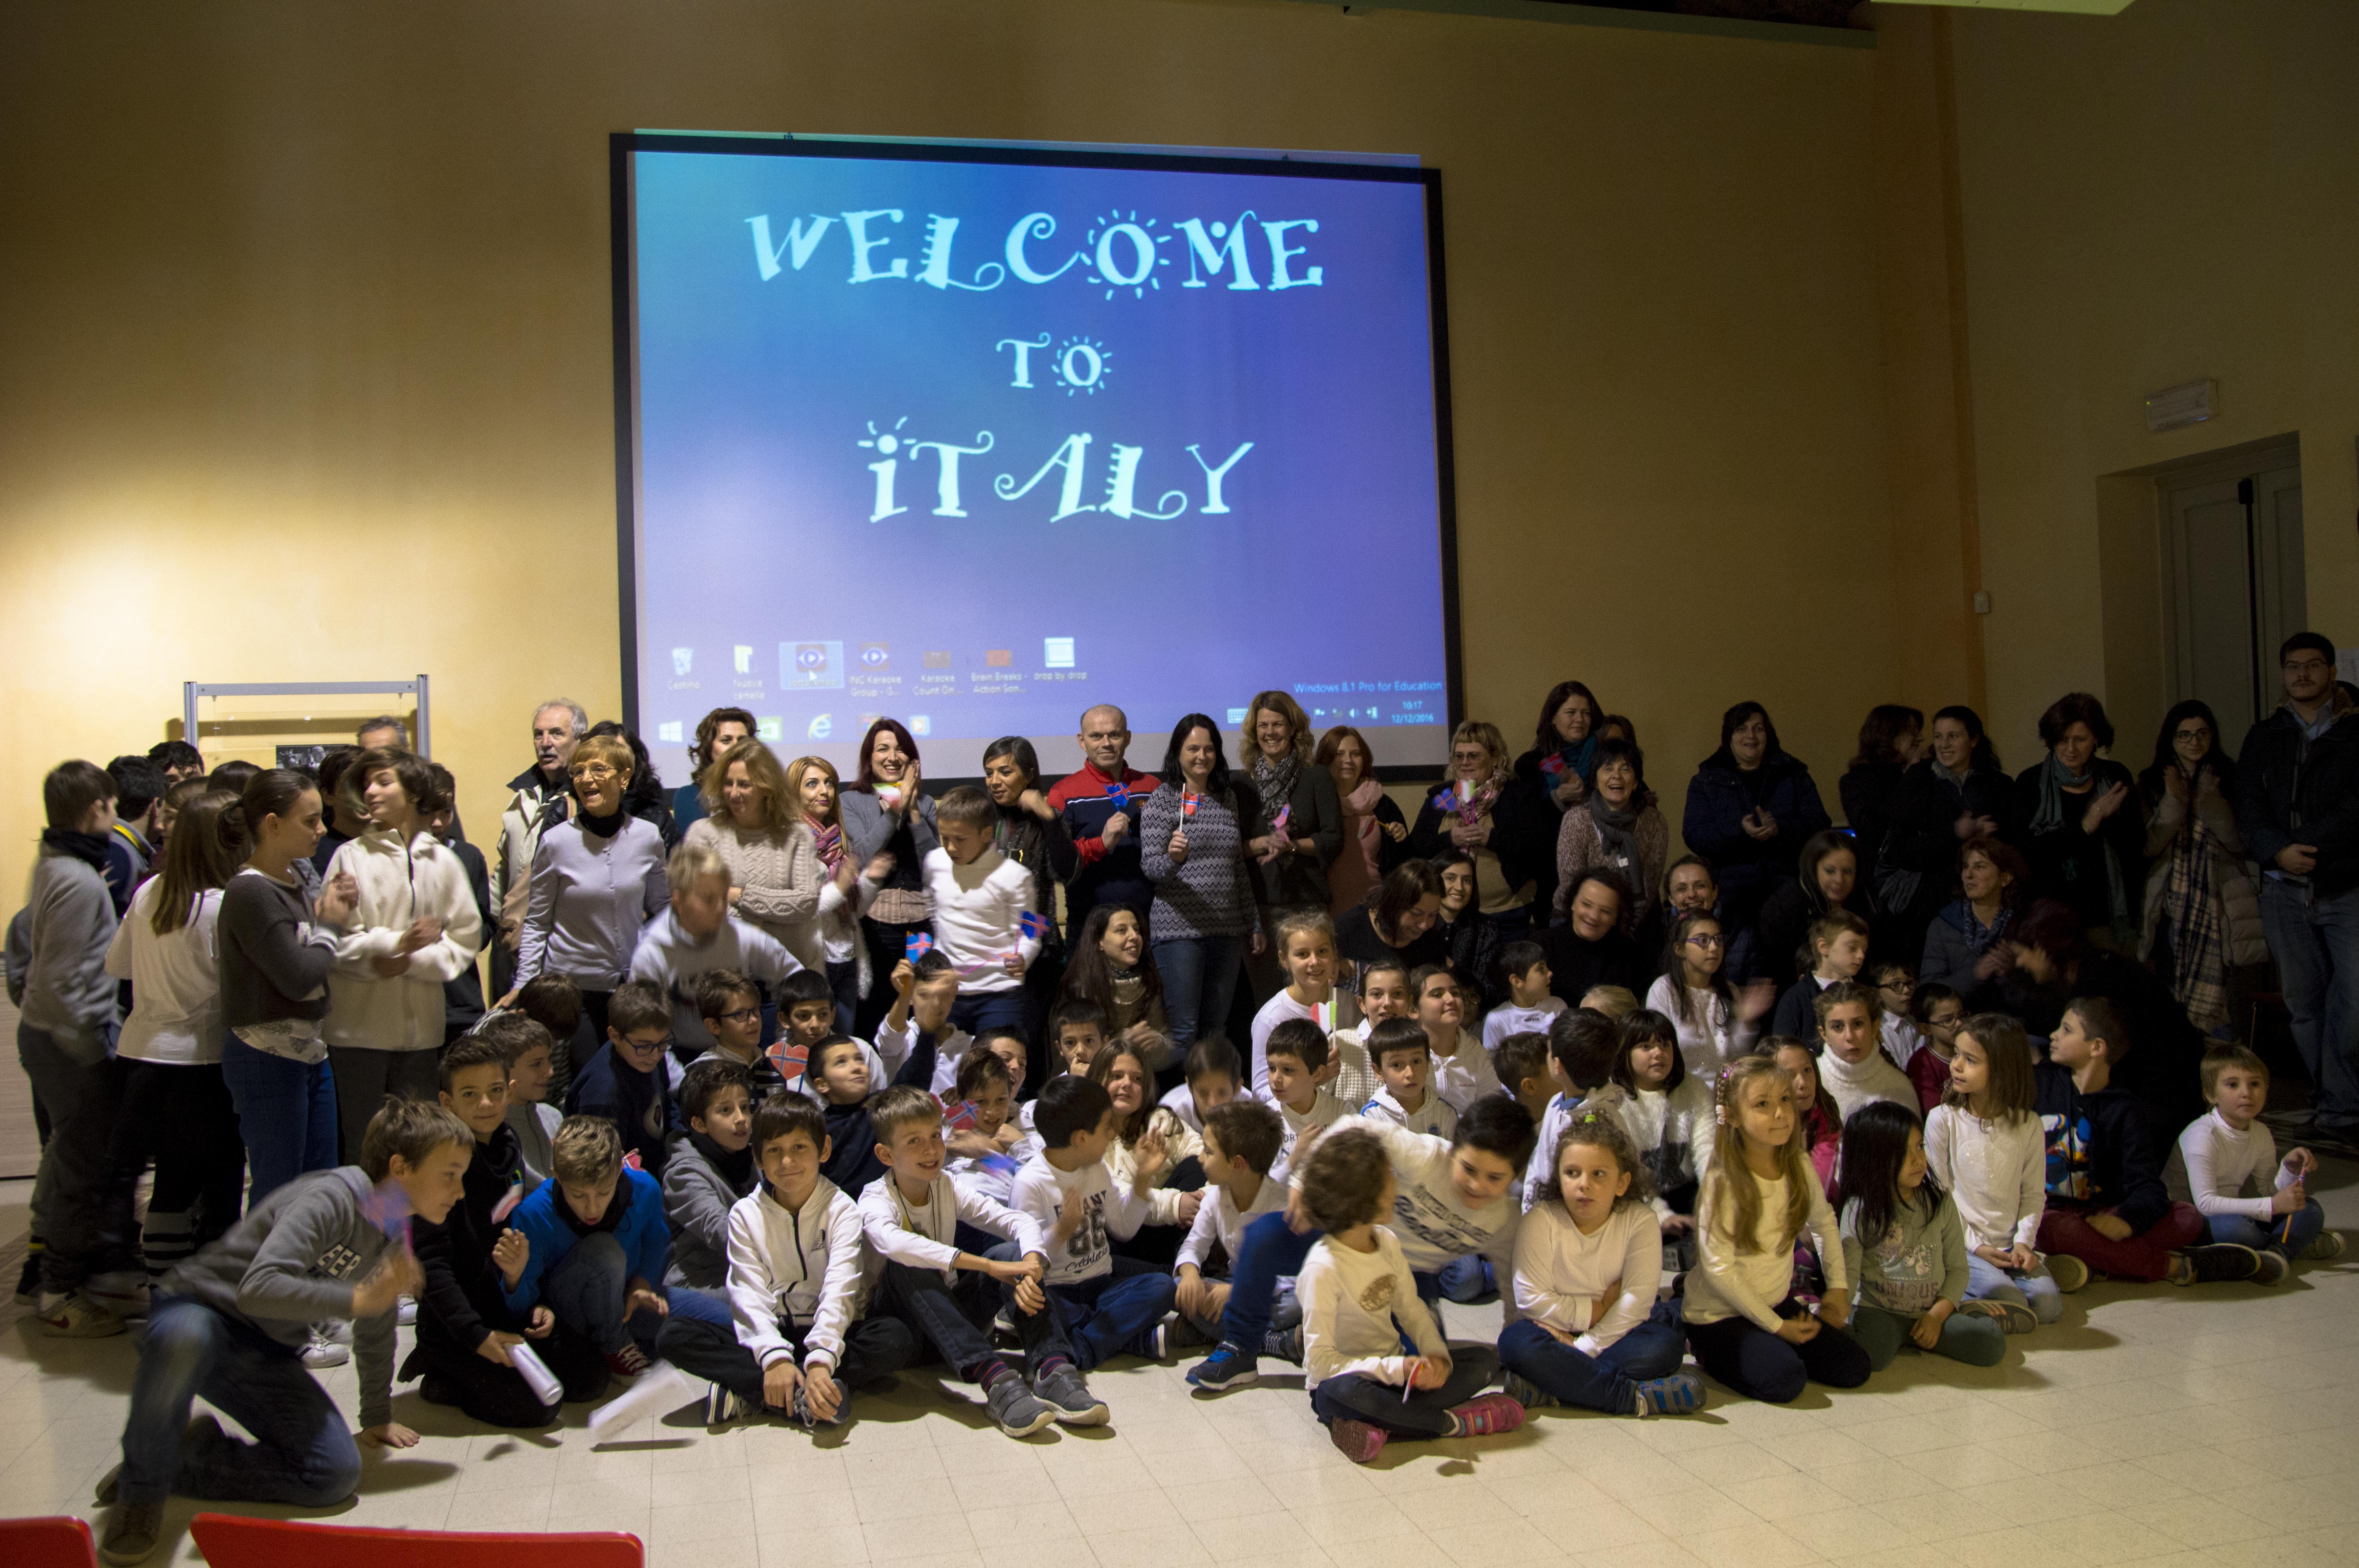 ITALIAN MEETING